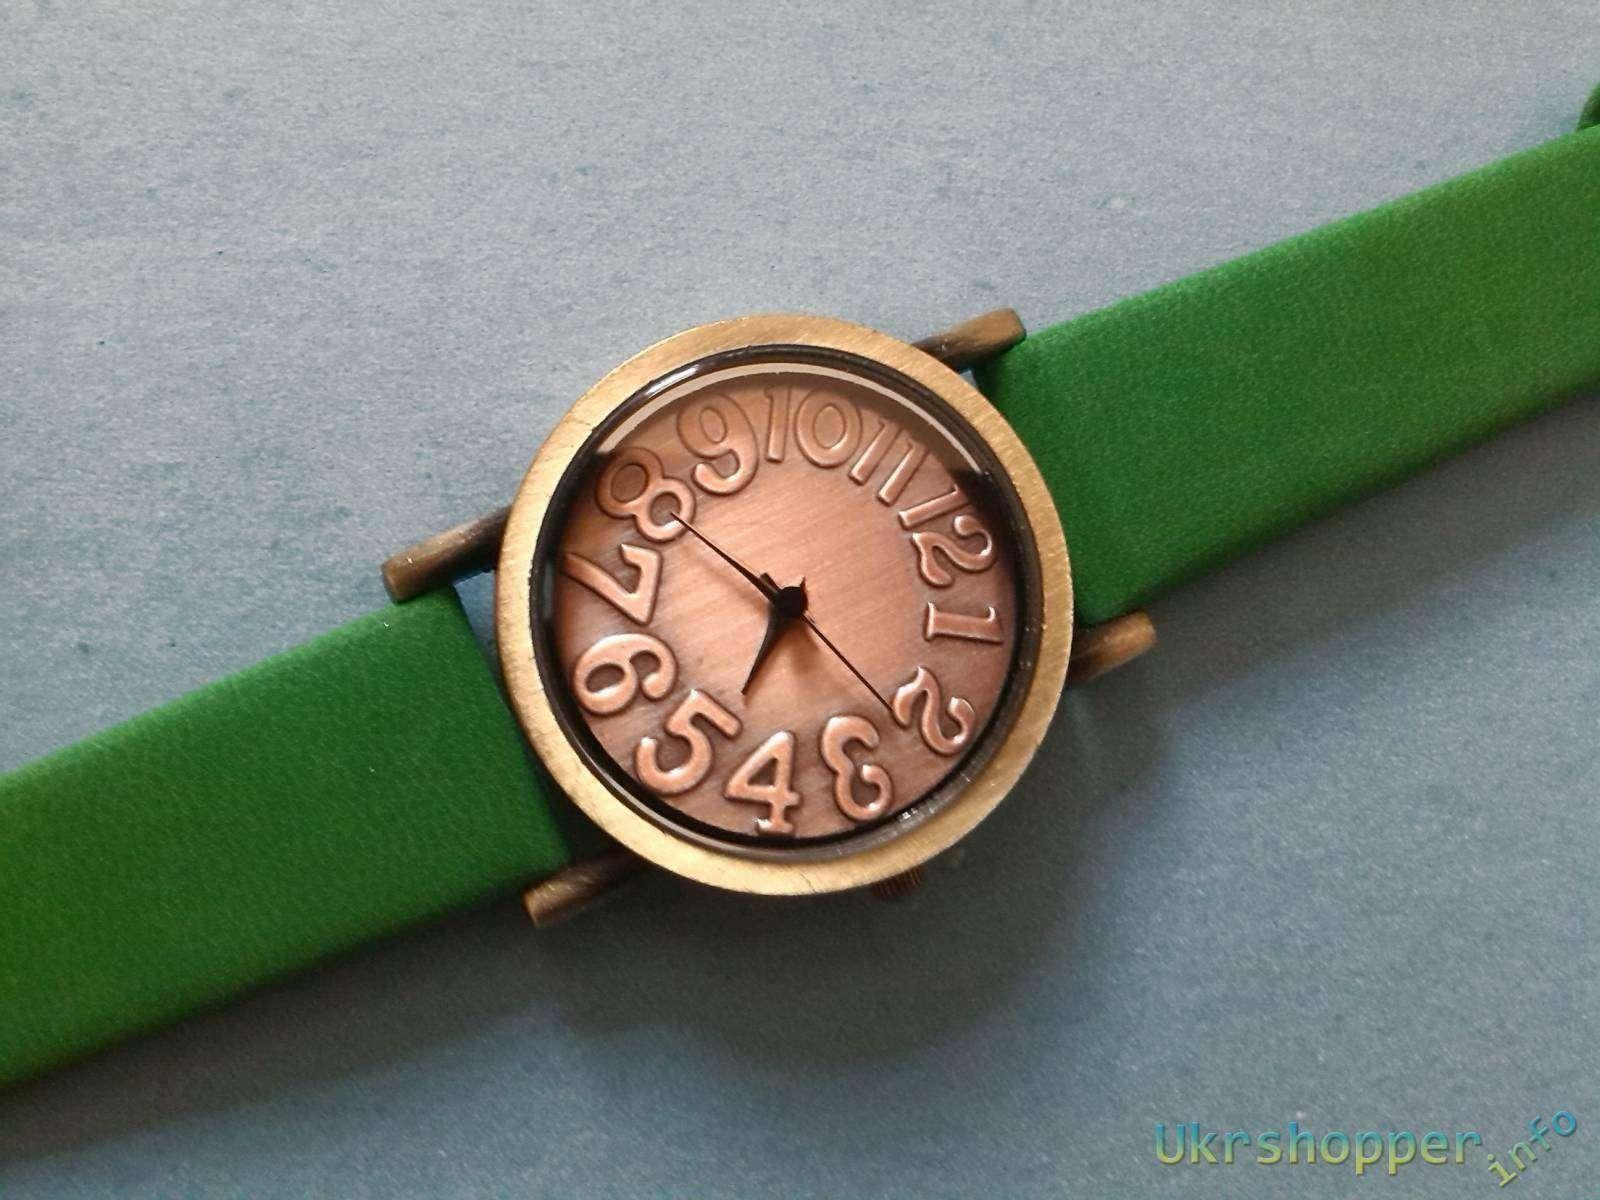 Aliexpress: Короткий обзор очень дешевых часов